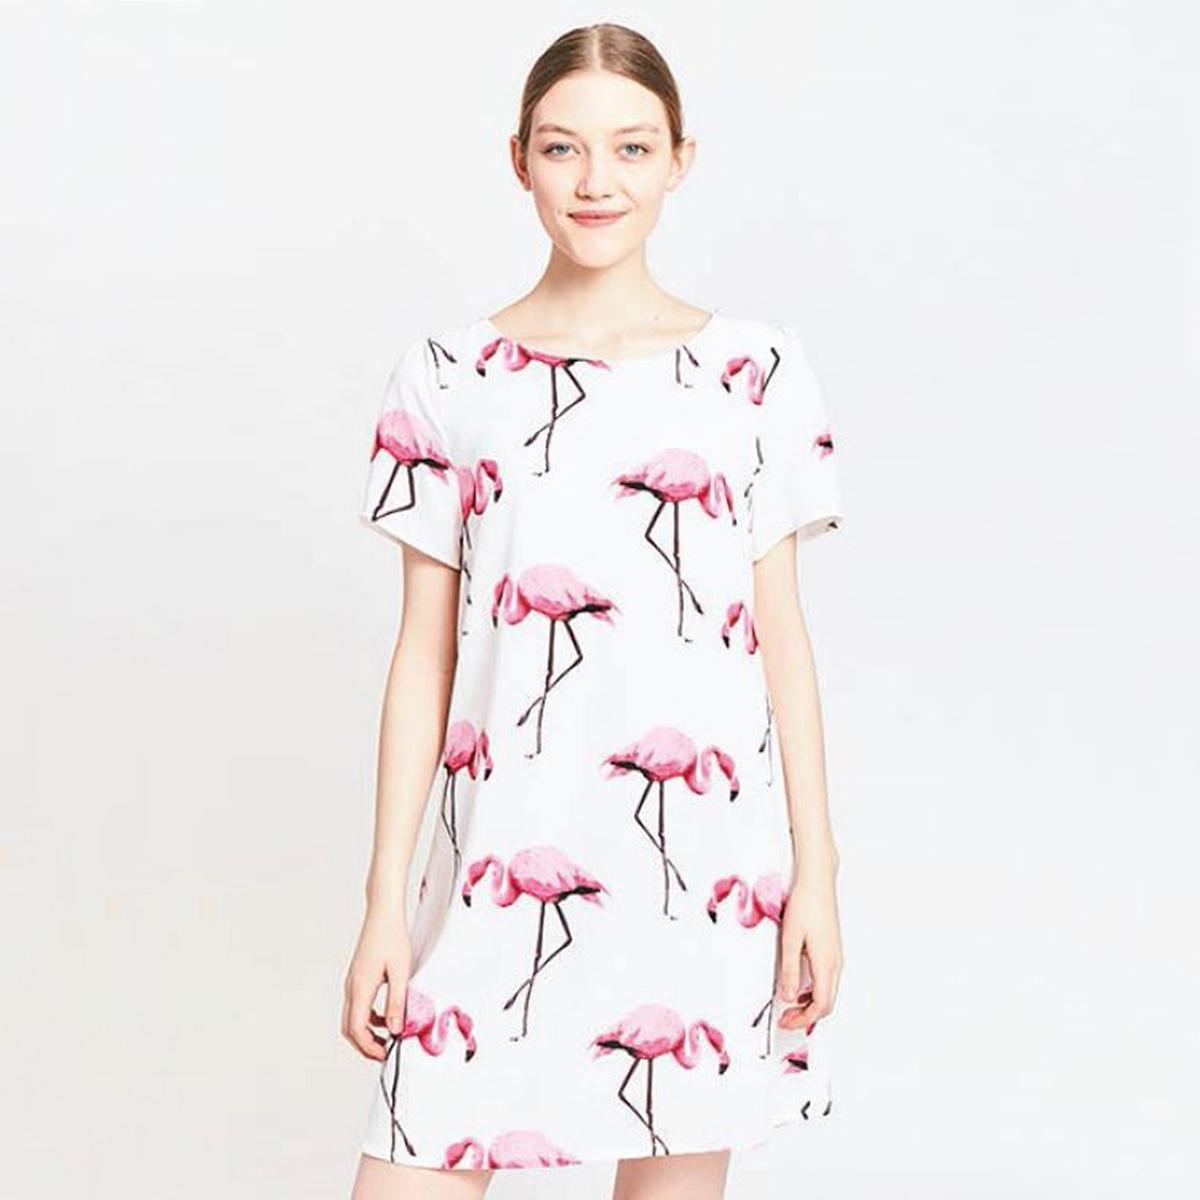 Платье с рисунком красный фламингоМатериал : 100% полиэстер  Длина рукава : короткие рукава  Форма воротника : круглый вырез Покрой платья : платье прямого покроя       Рисунок : принт   Длина платья : короткое<br><br>Цвет: рисунок белый/розовый